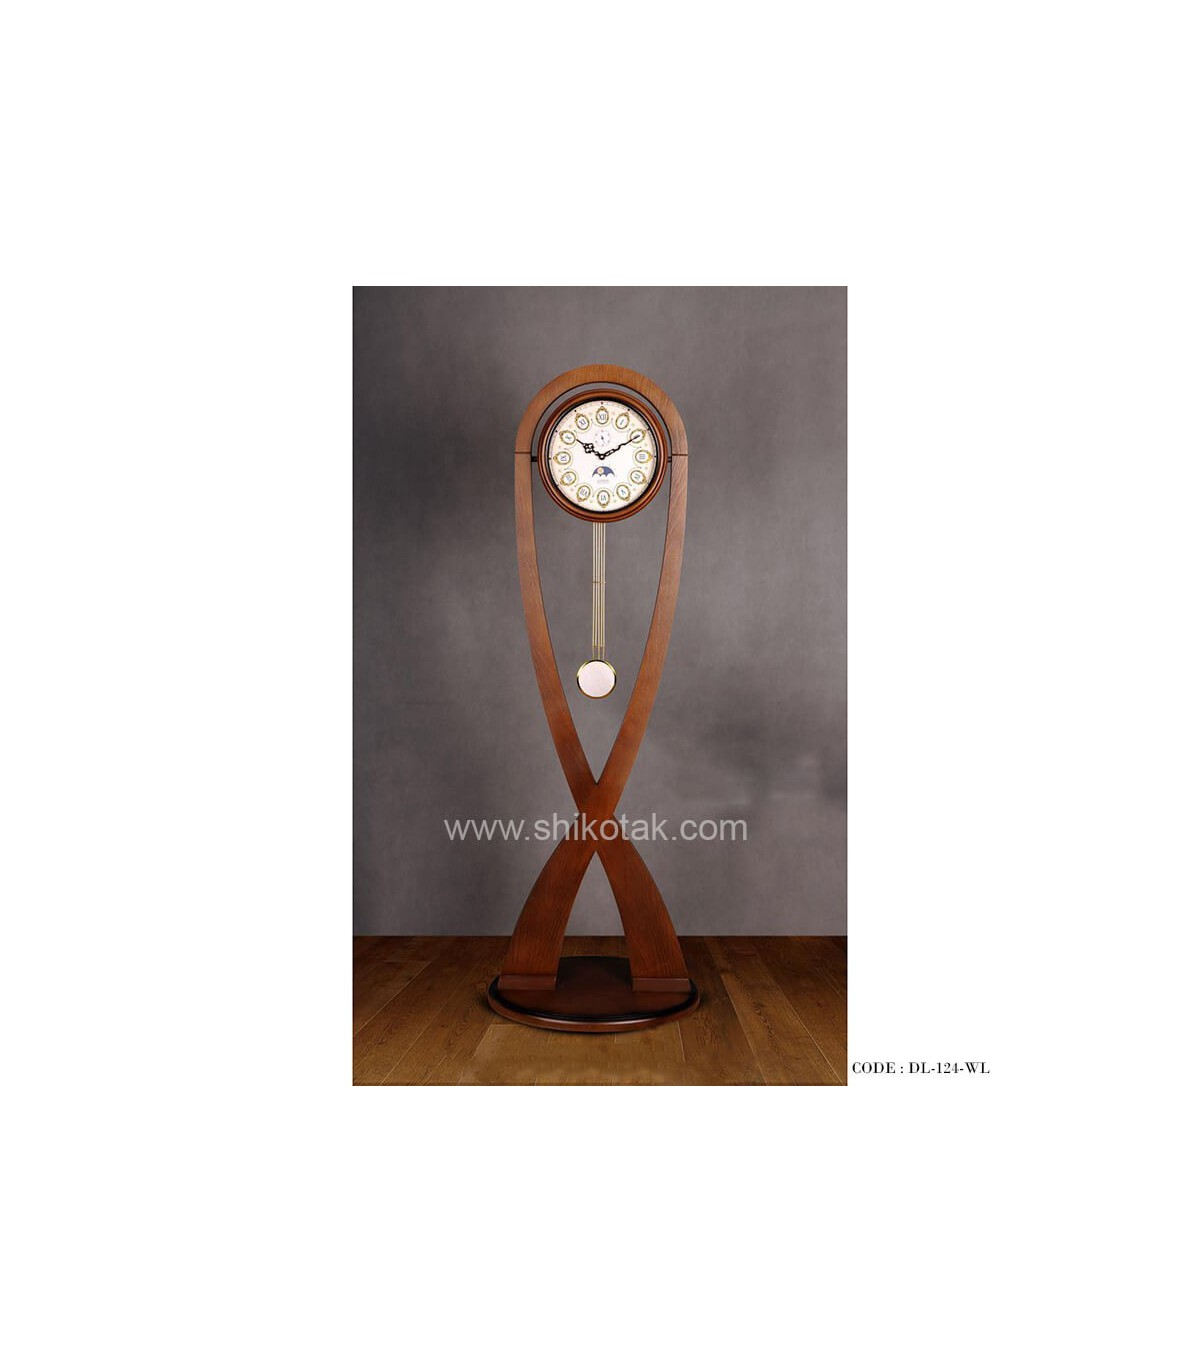 ساعت ایستاده مدرن سری 124فلور قهوه ای